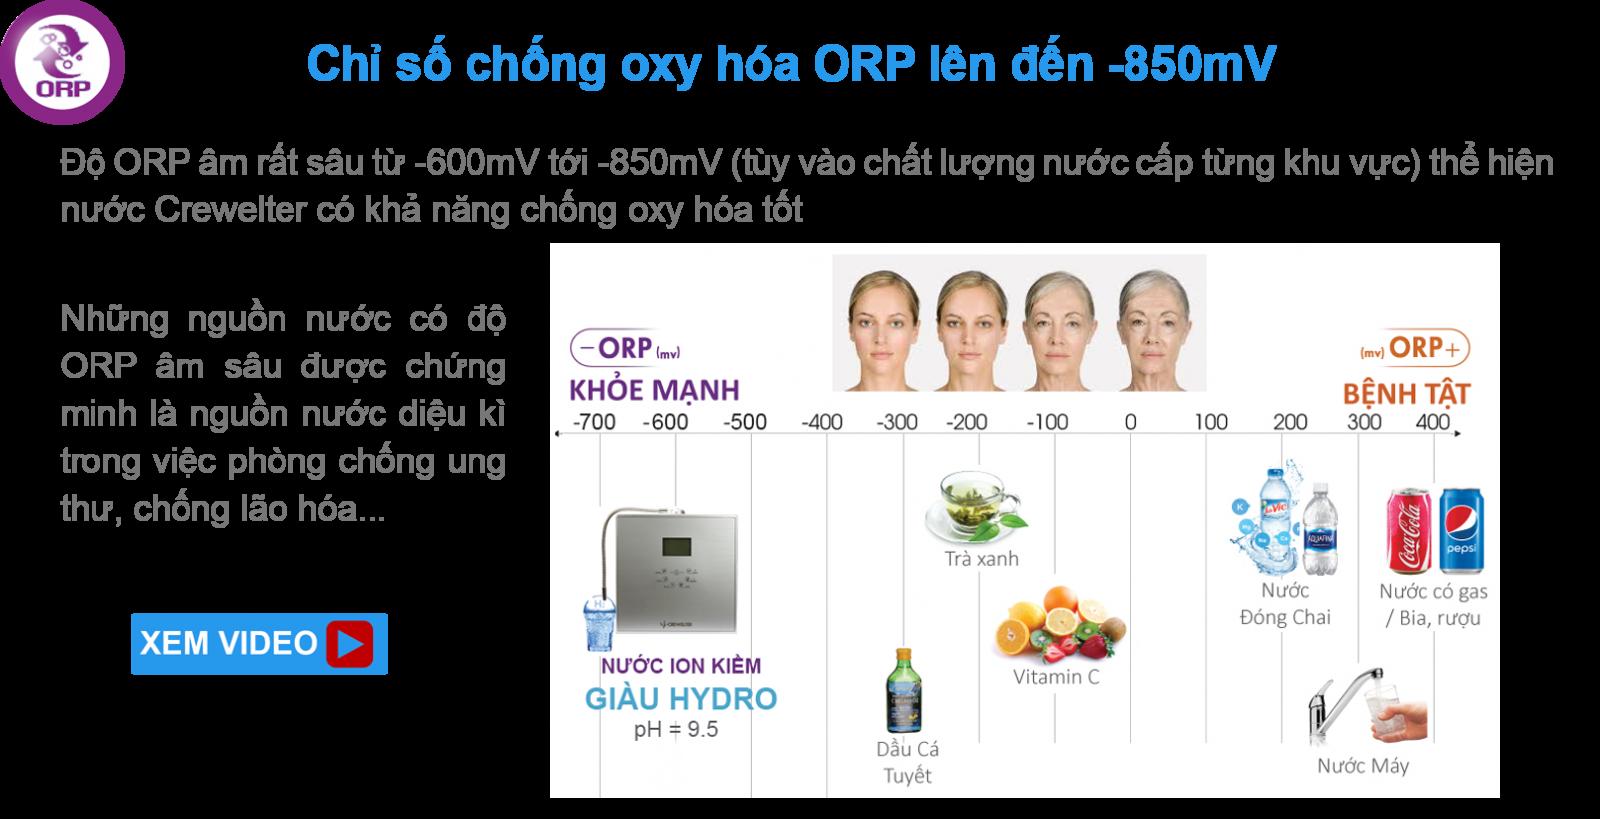 Máy lọc nước ion kiềm giàu hydro Crewelter 9 với chỉ số chống oxy hóa ORP lên tới -850mV